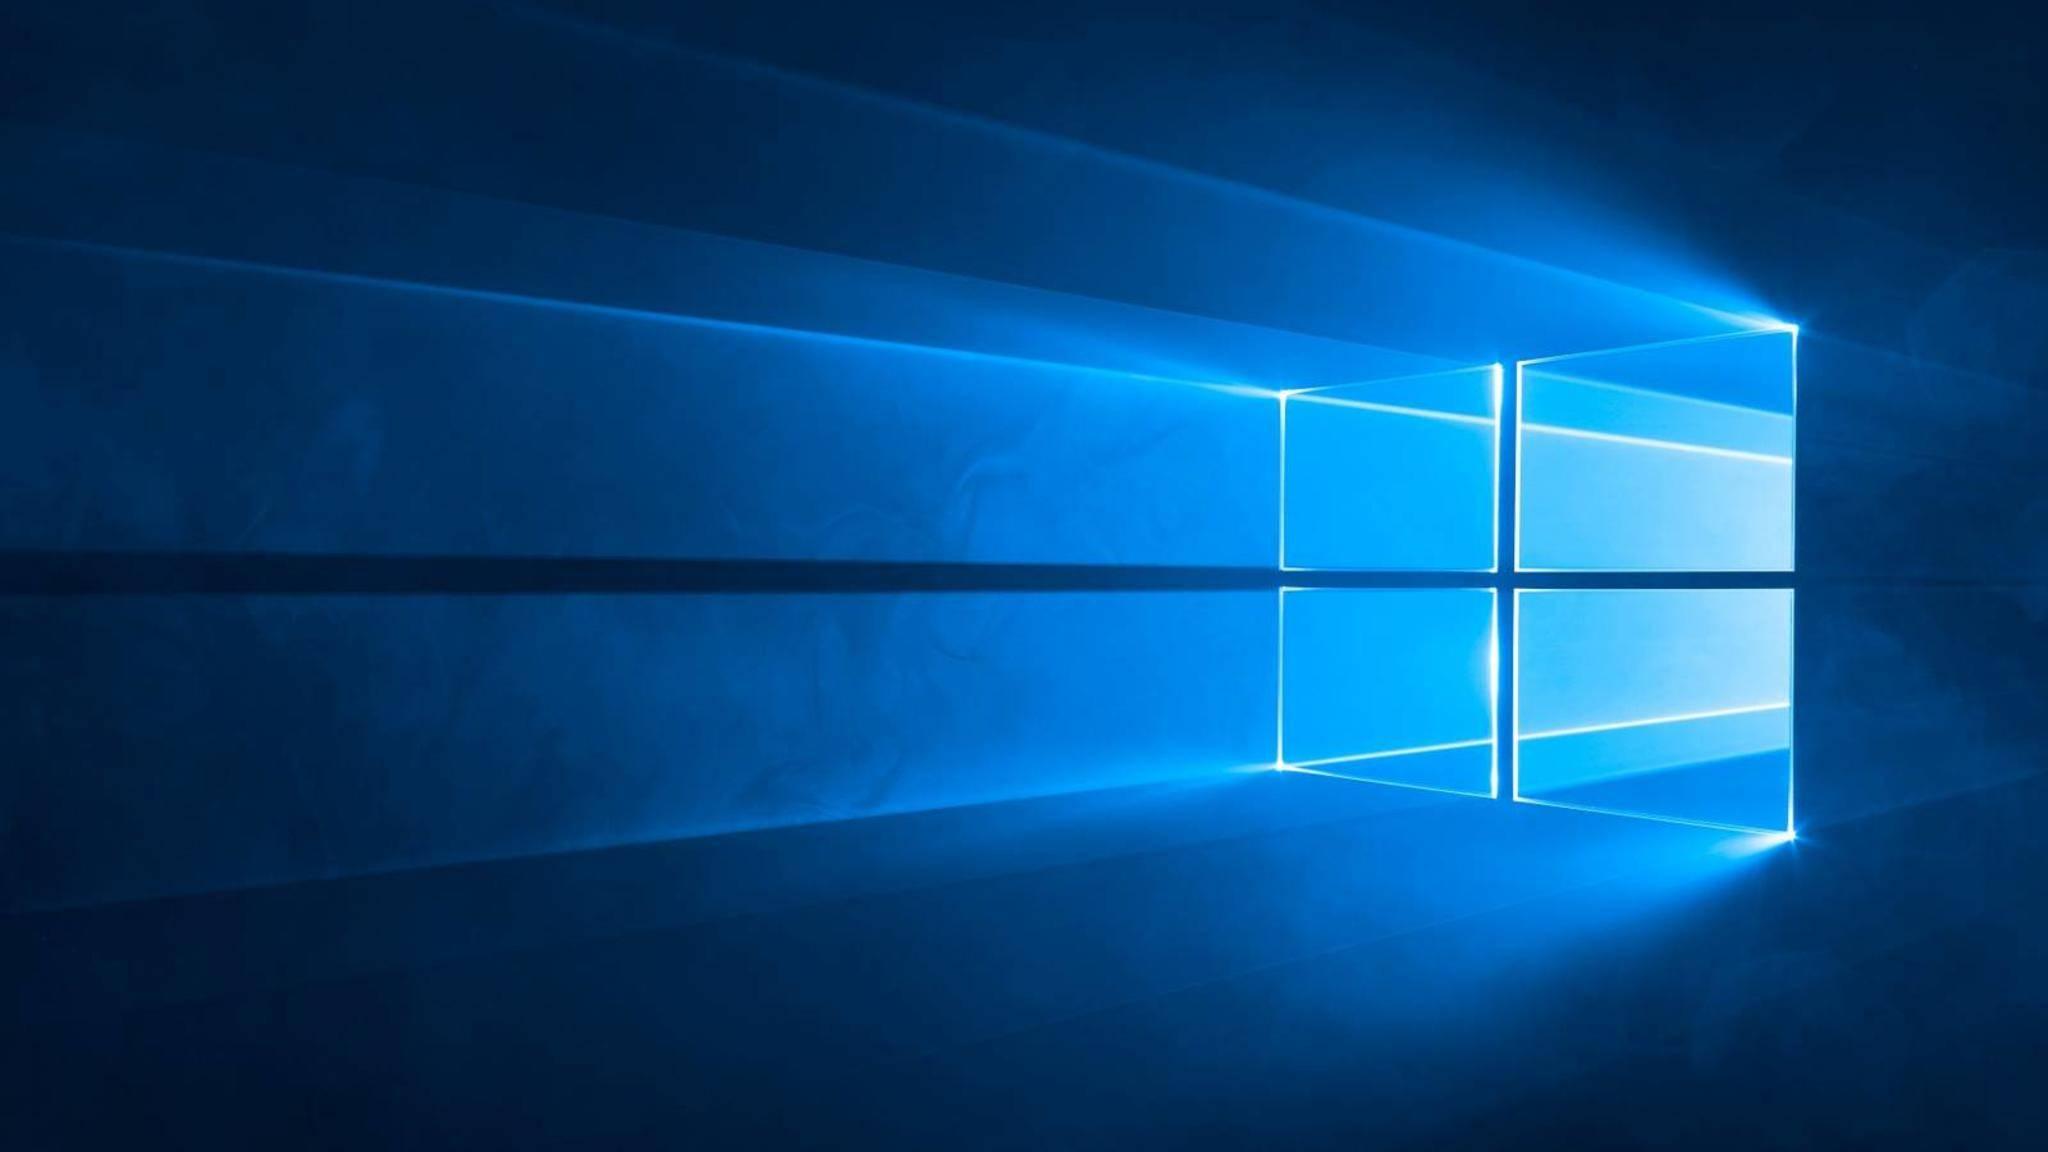 Windows 10 soll 2017 ein Design-Update erhalten.